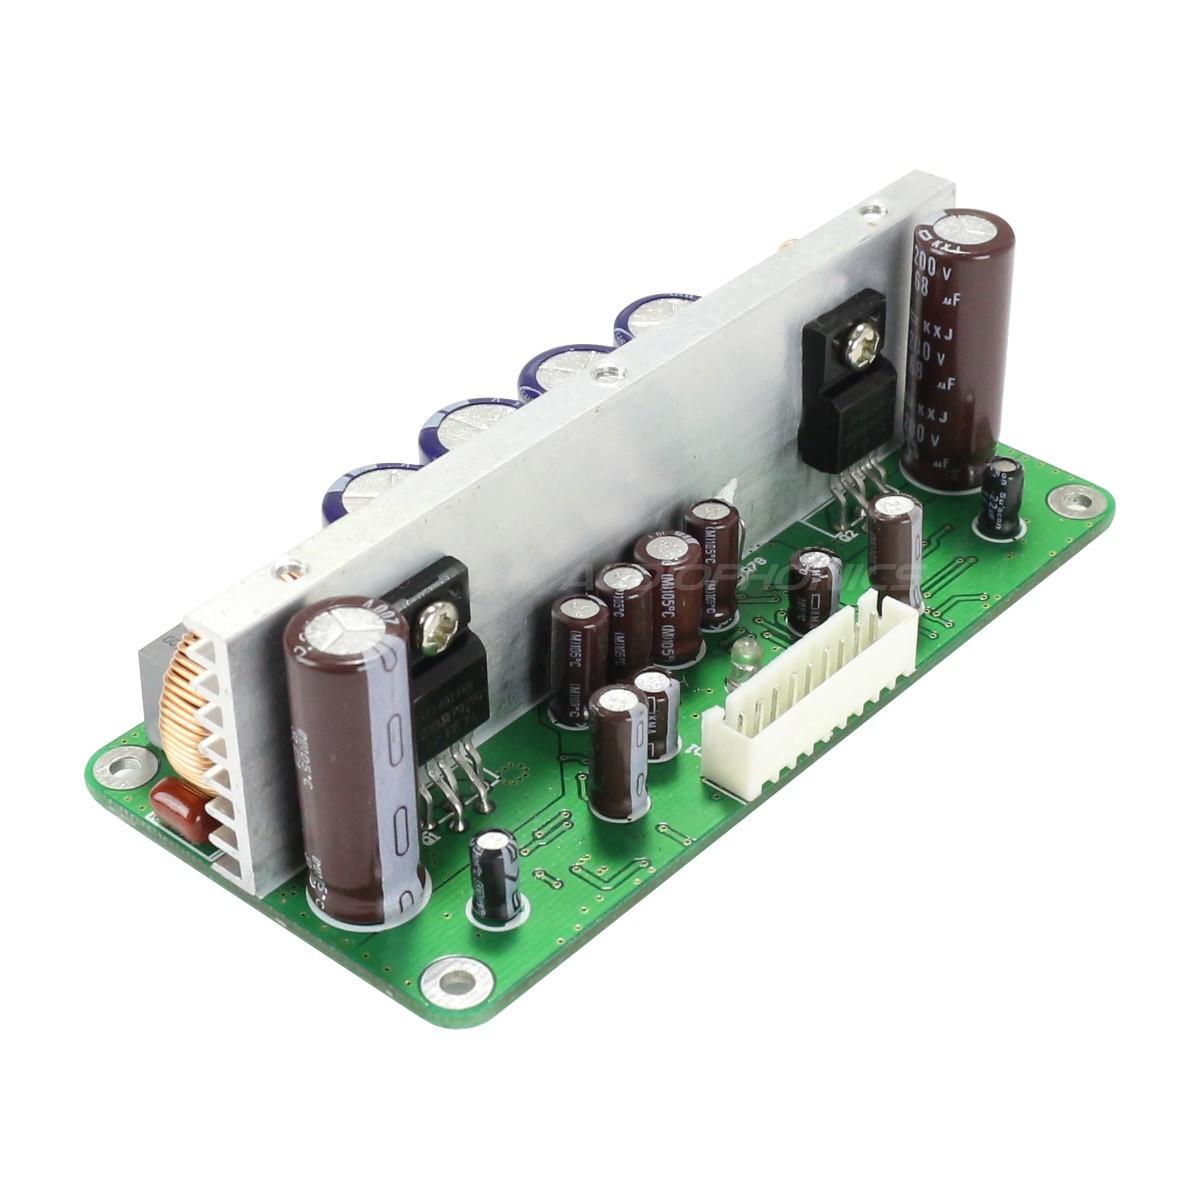 Amplifier Board Audiophonics Class D Circuit Tpa3116d2 Tpa3118d2 Subwoofer Cxd2160 Stereo Module